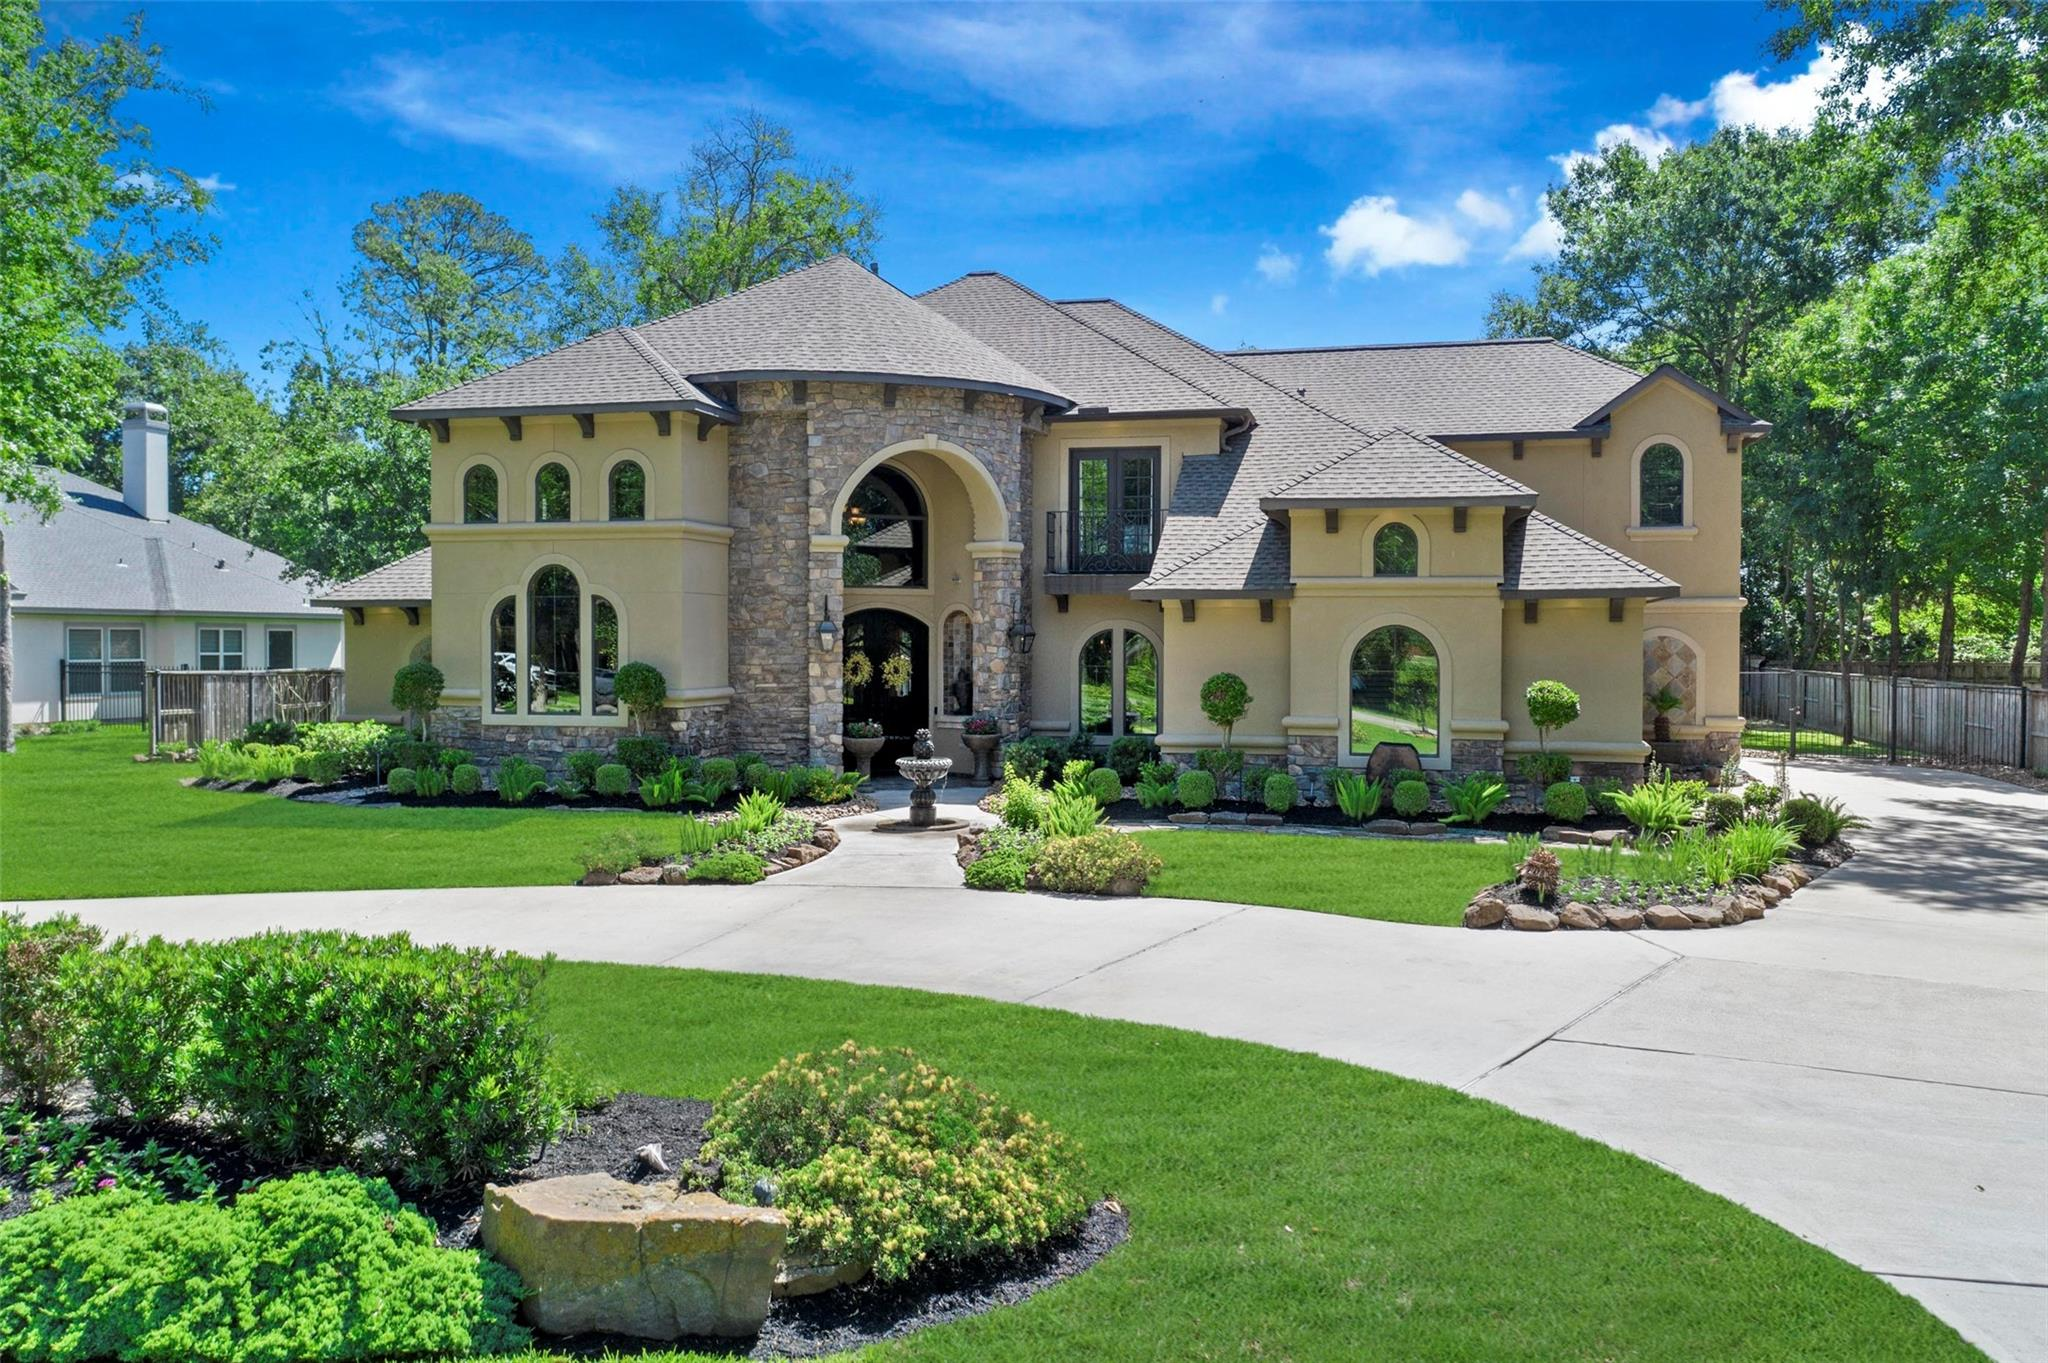 17108 Lakeway Park Property Photo